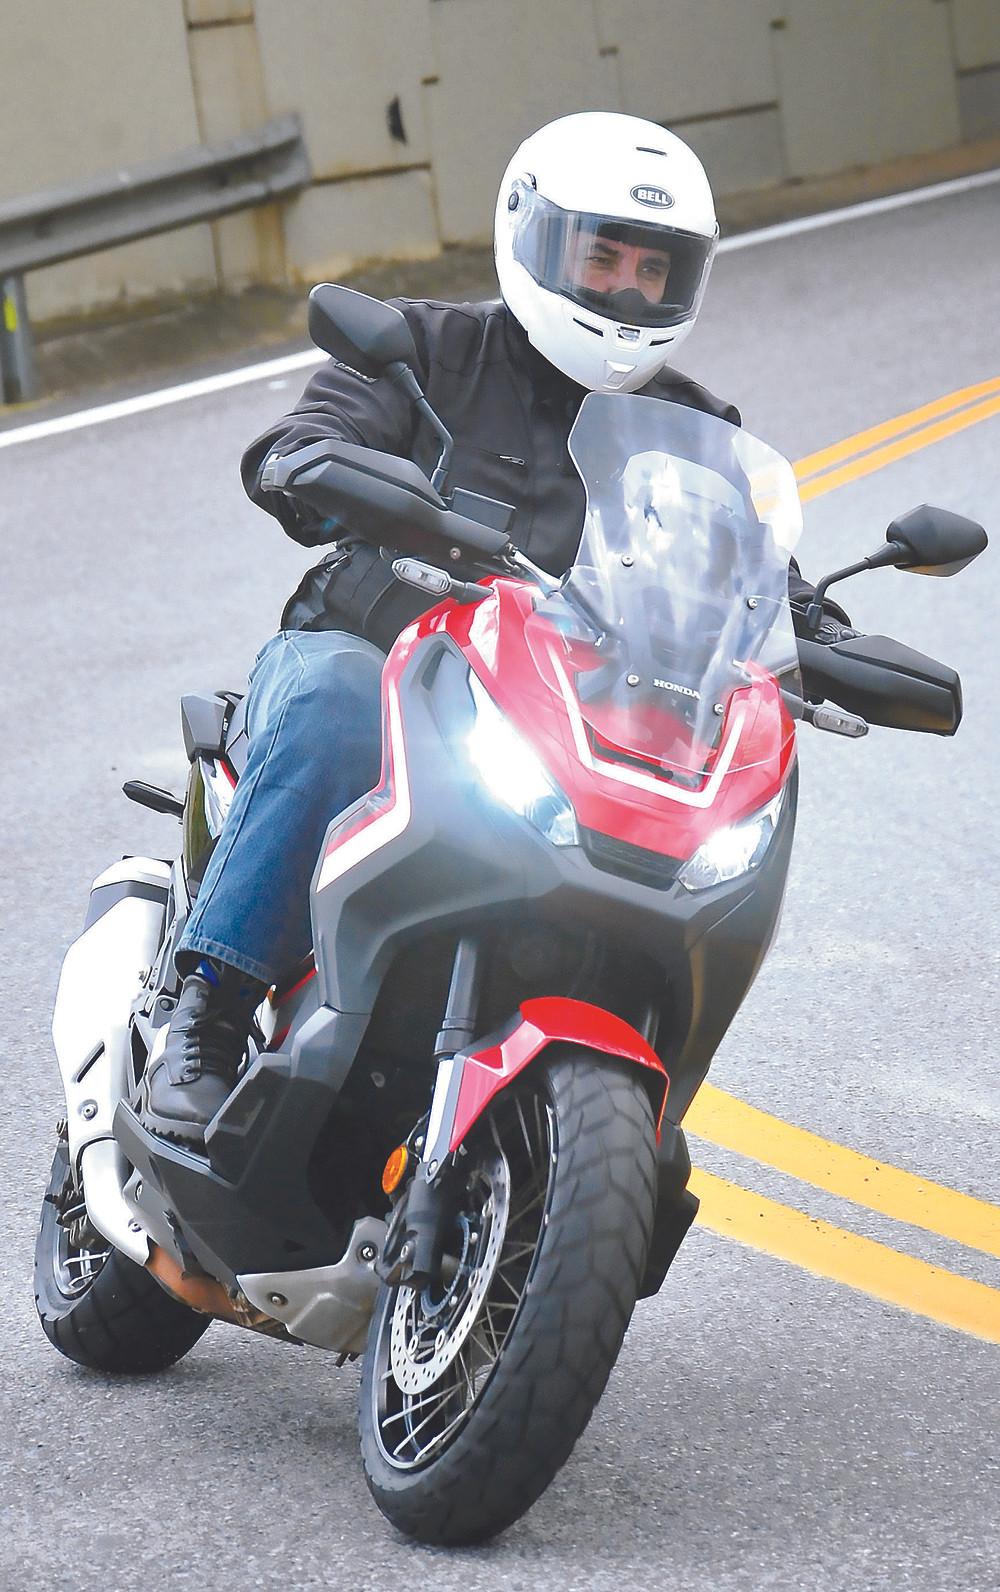 Frente da Honda X-ADV 750 scooter